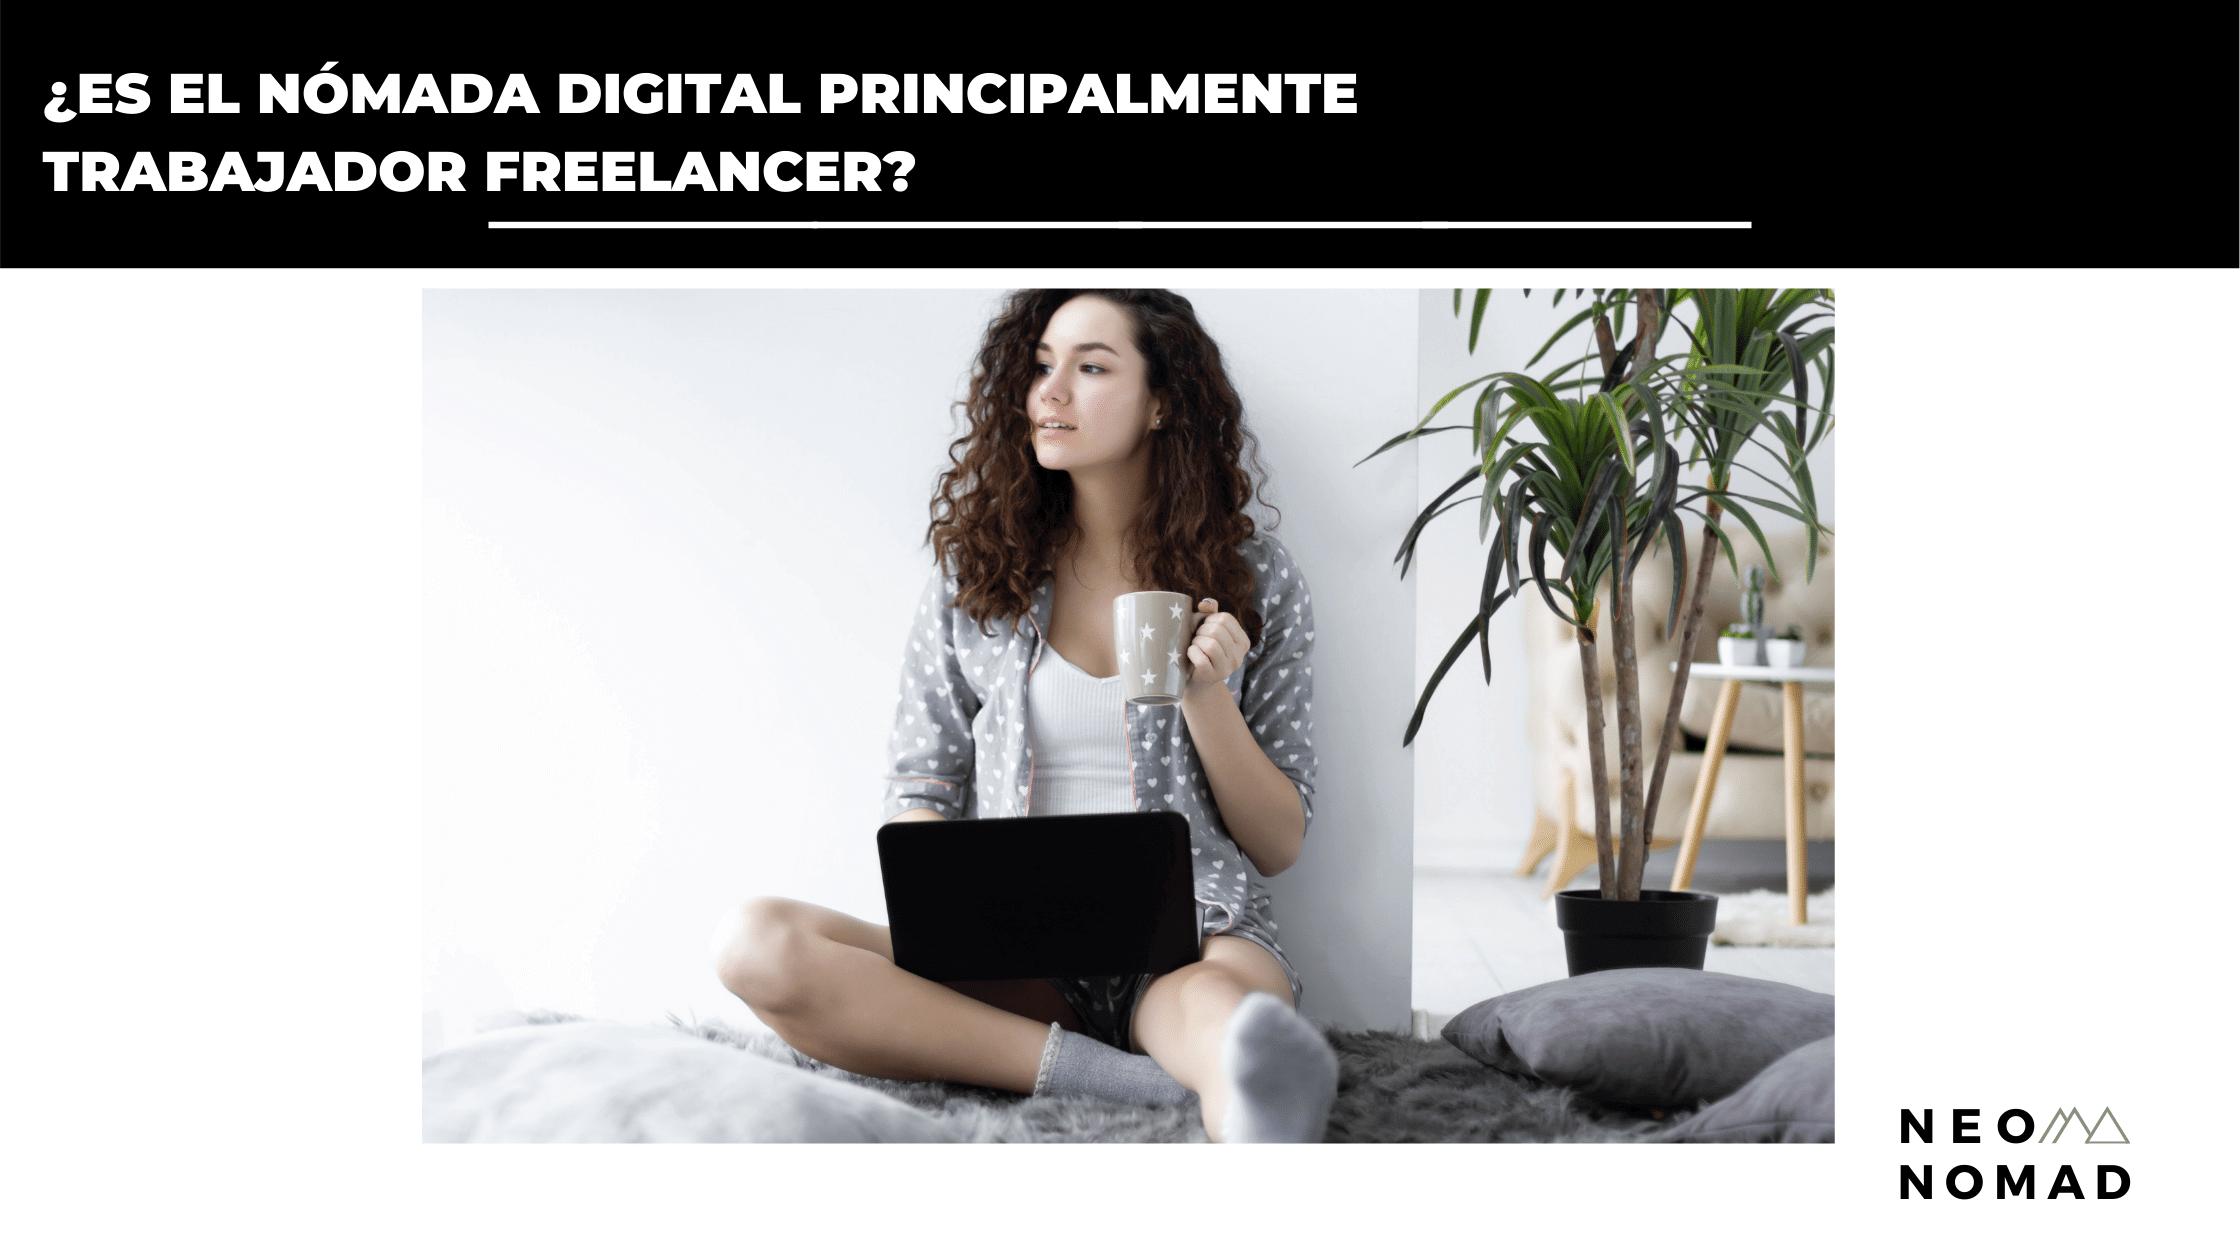 ¿Es el nómada digital principalmente trabajador Freelancer?